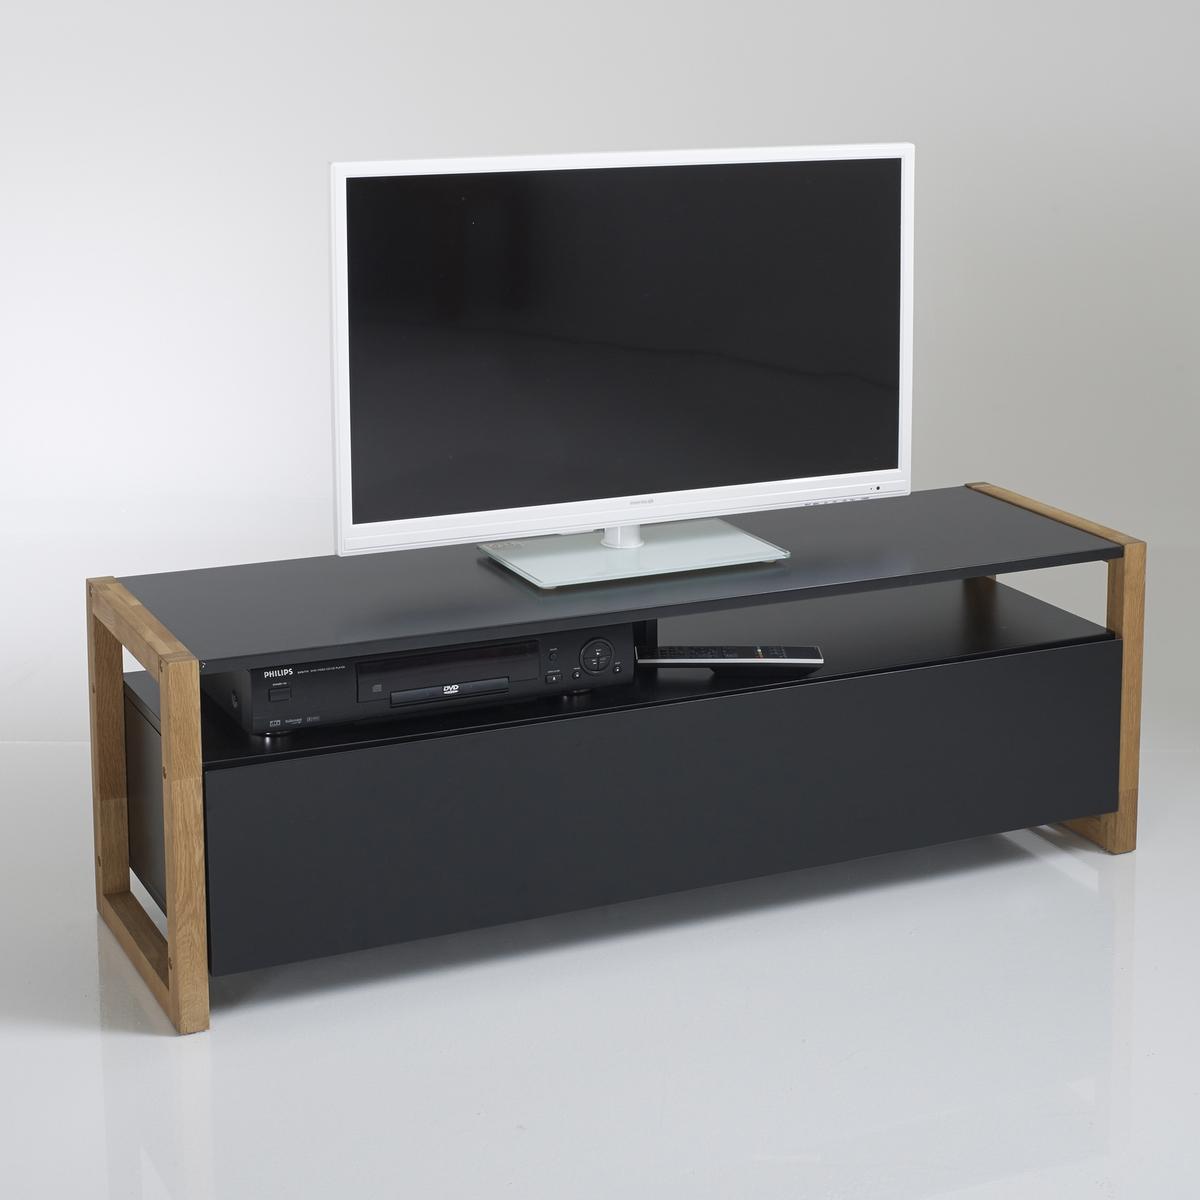 ТВ-тумба с откидной крышкой, Compo